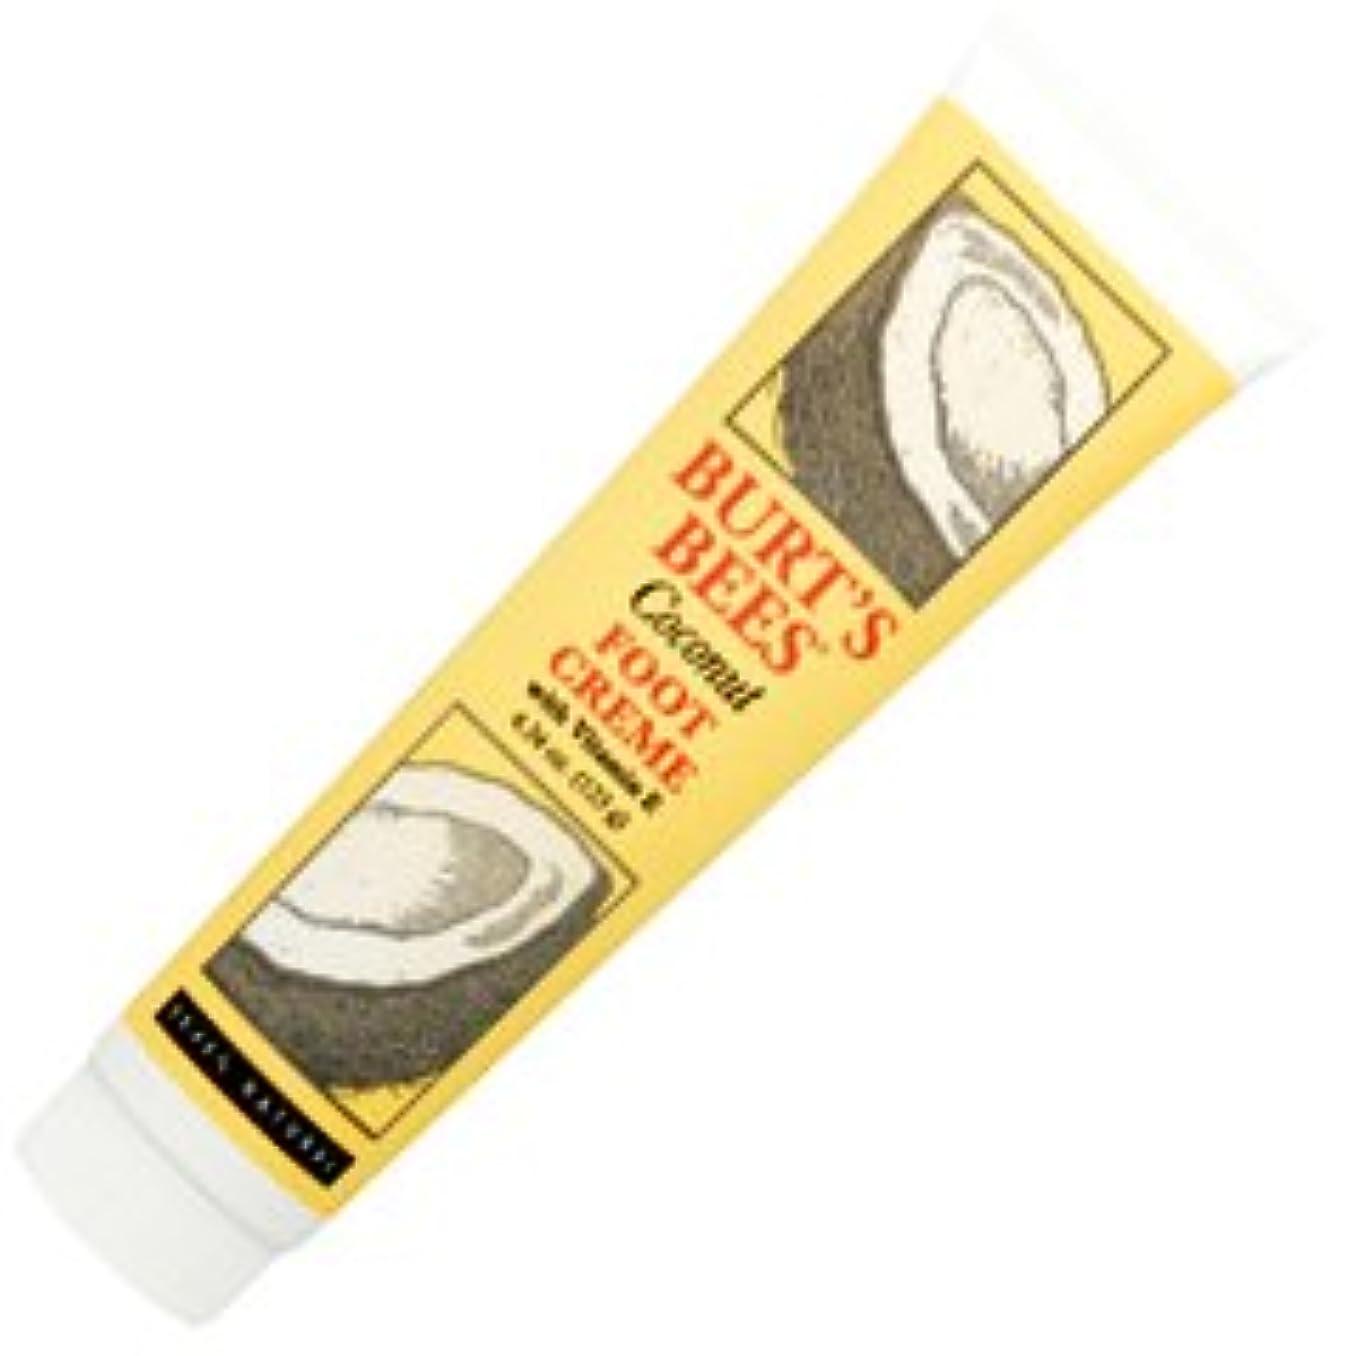 辞任する高音のバーツビーズ(Burt's Bees) ココナッツ フットクリーム 123ml [海外直送品][並行輸入品]